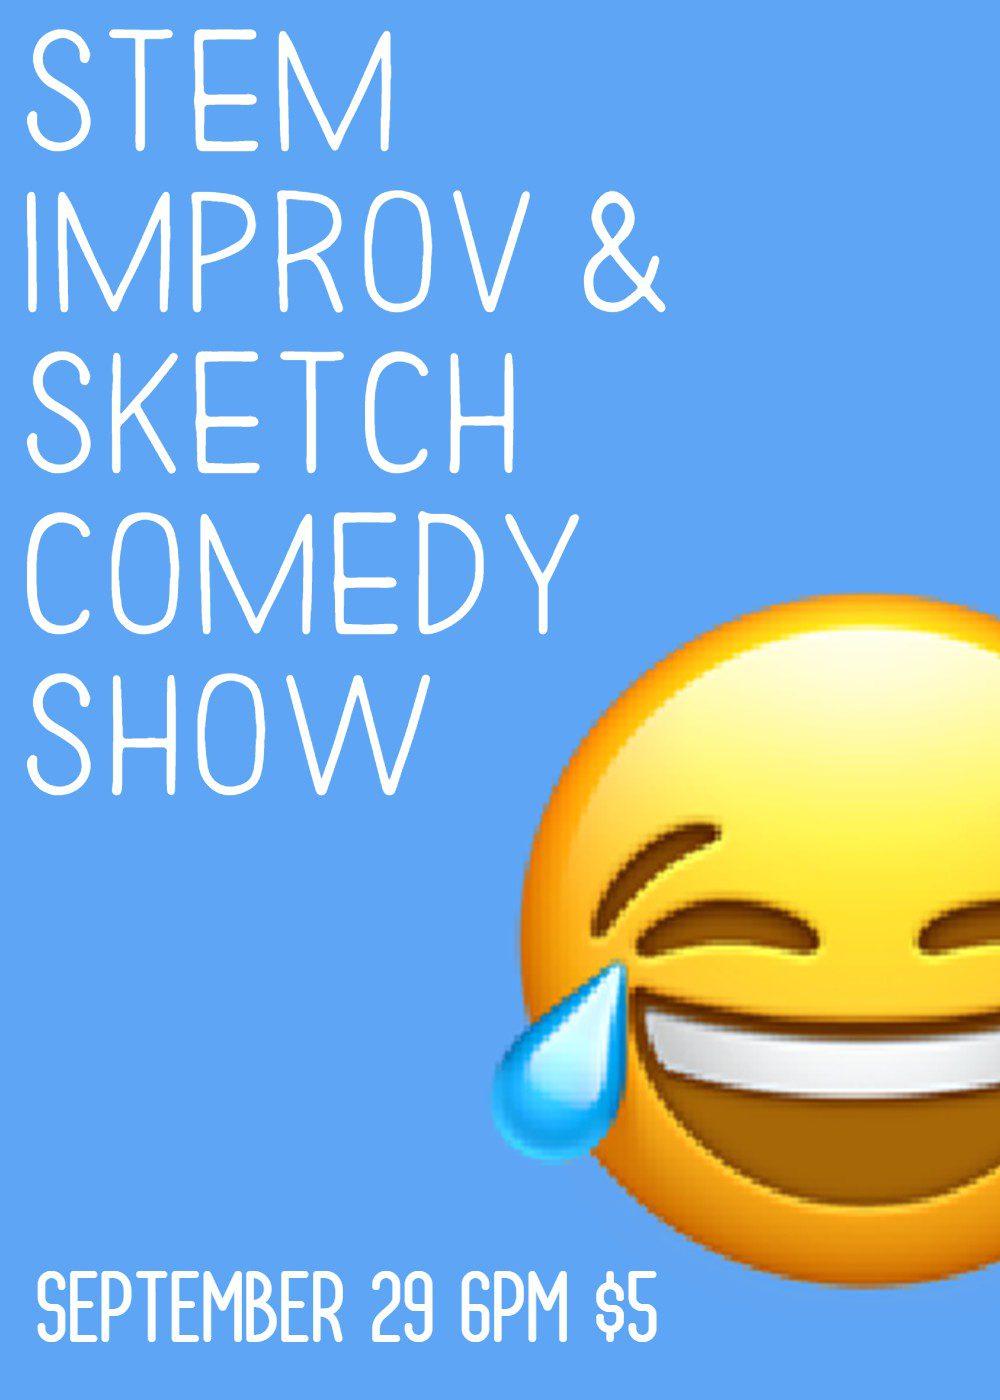 STEM Improv Comedy Show